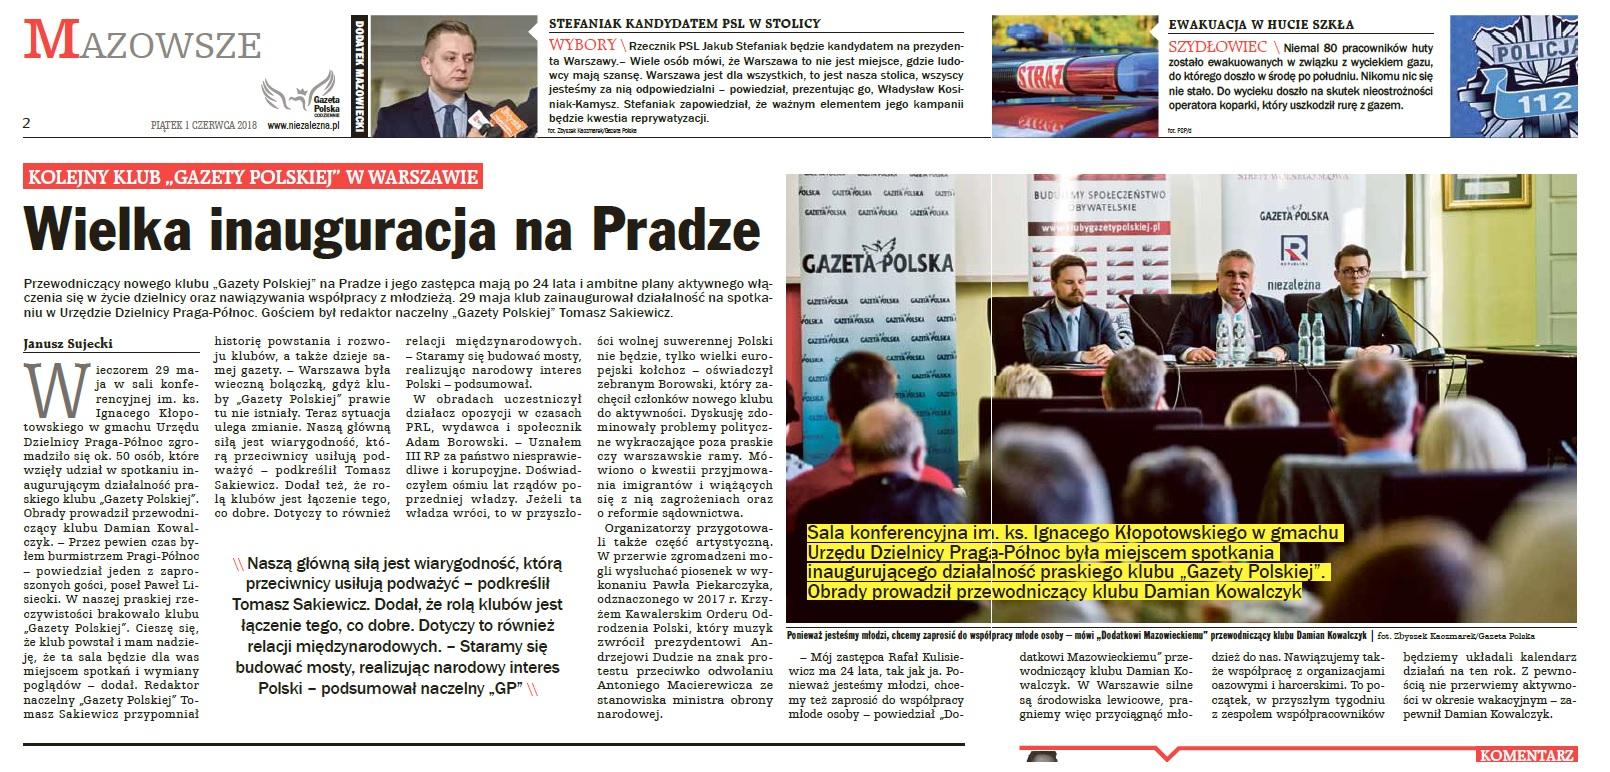 GPC Mazowiecki - Warszawa Praga